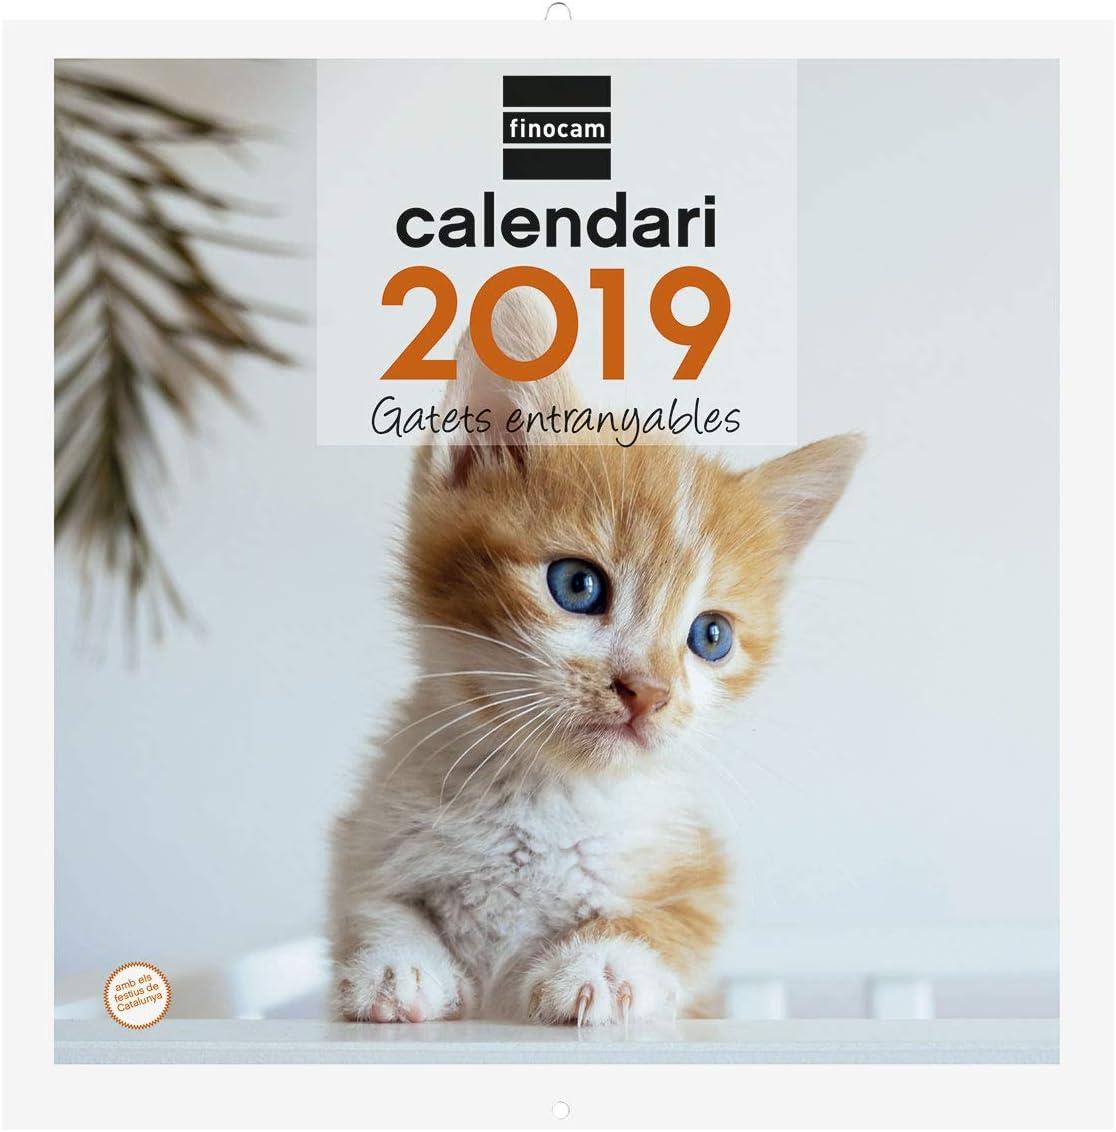 Finocam 780312919 - Calendario de pared 2019: Amazon.es: Oficina y papelería